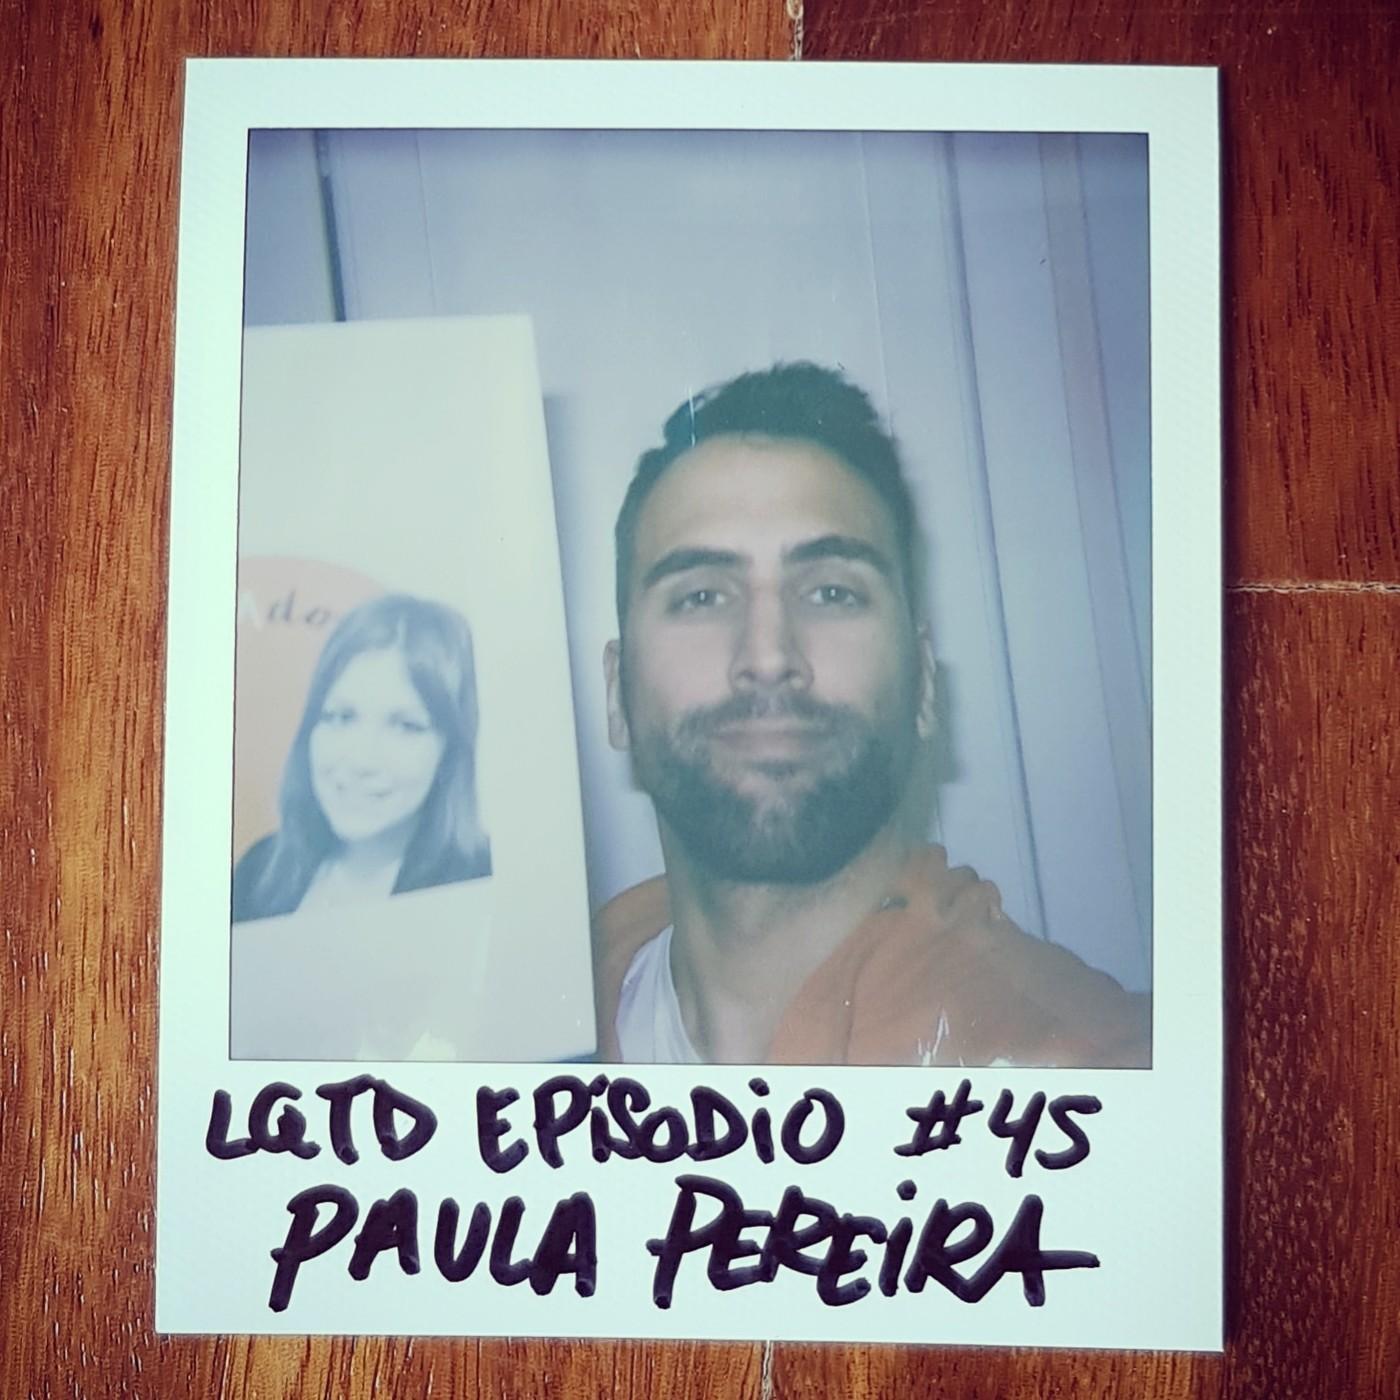 #45: Paula Pereira - ViviEMdo con Esclerósis Múltiple